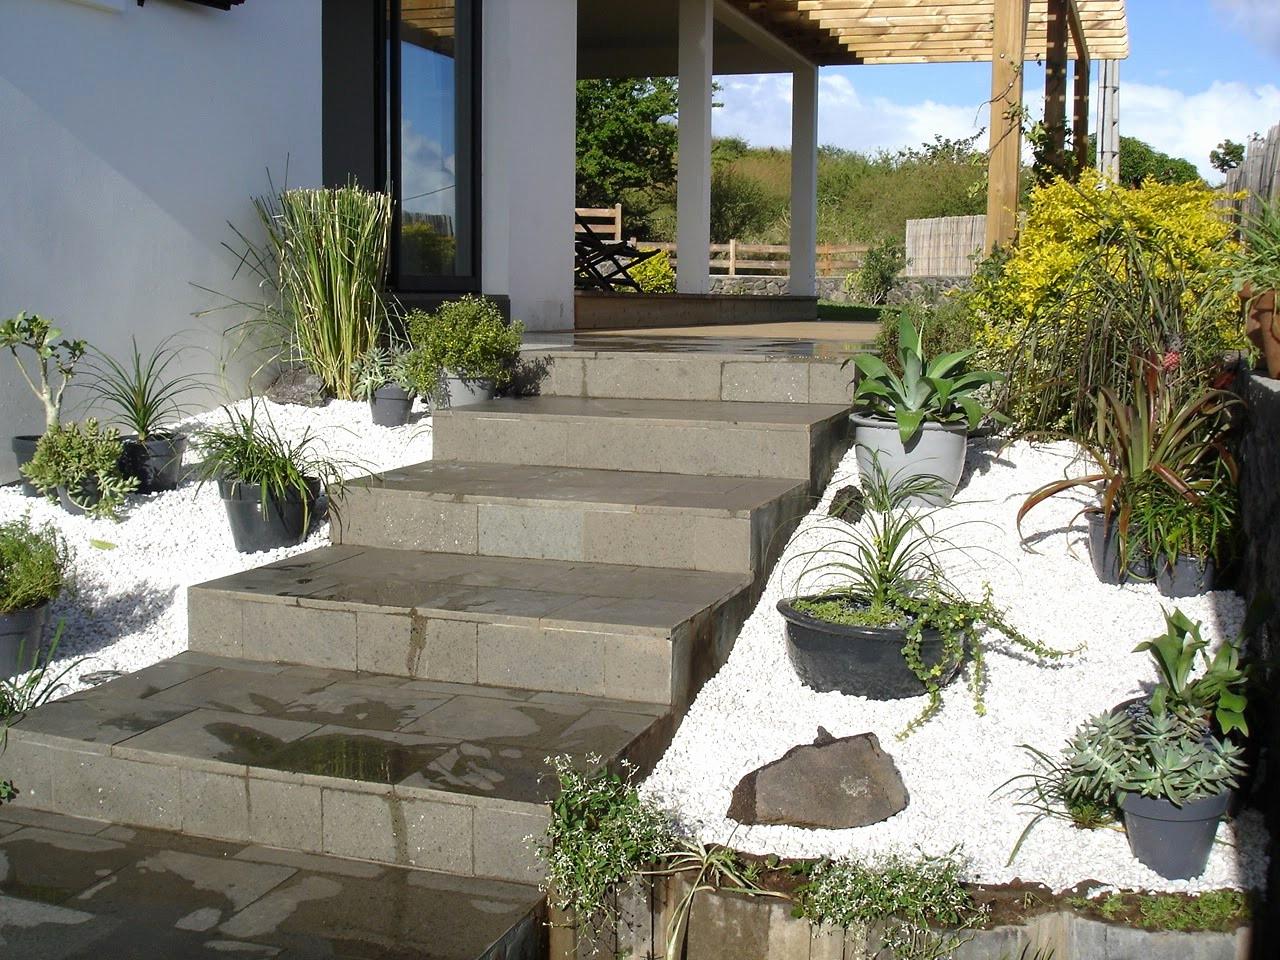 Jardin Devant Maison Moderne – Gamboahinestrosa avec Parterre Devant Maison Moderne